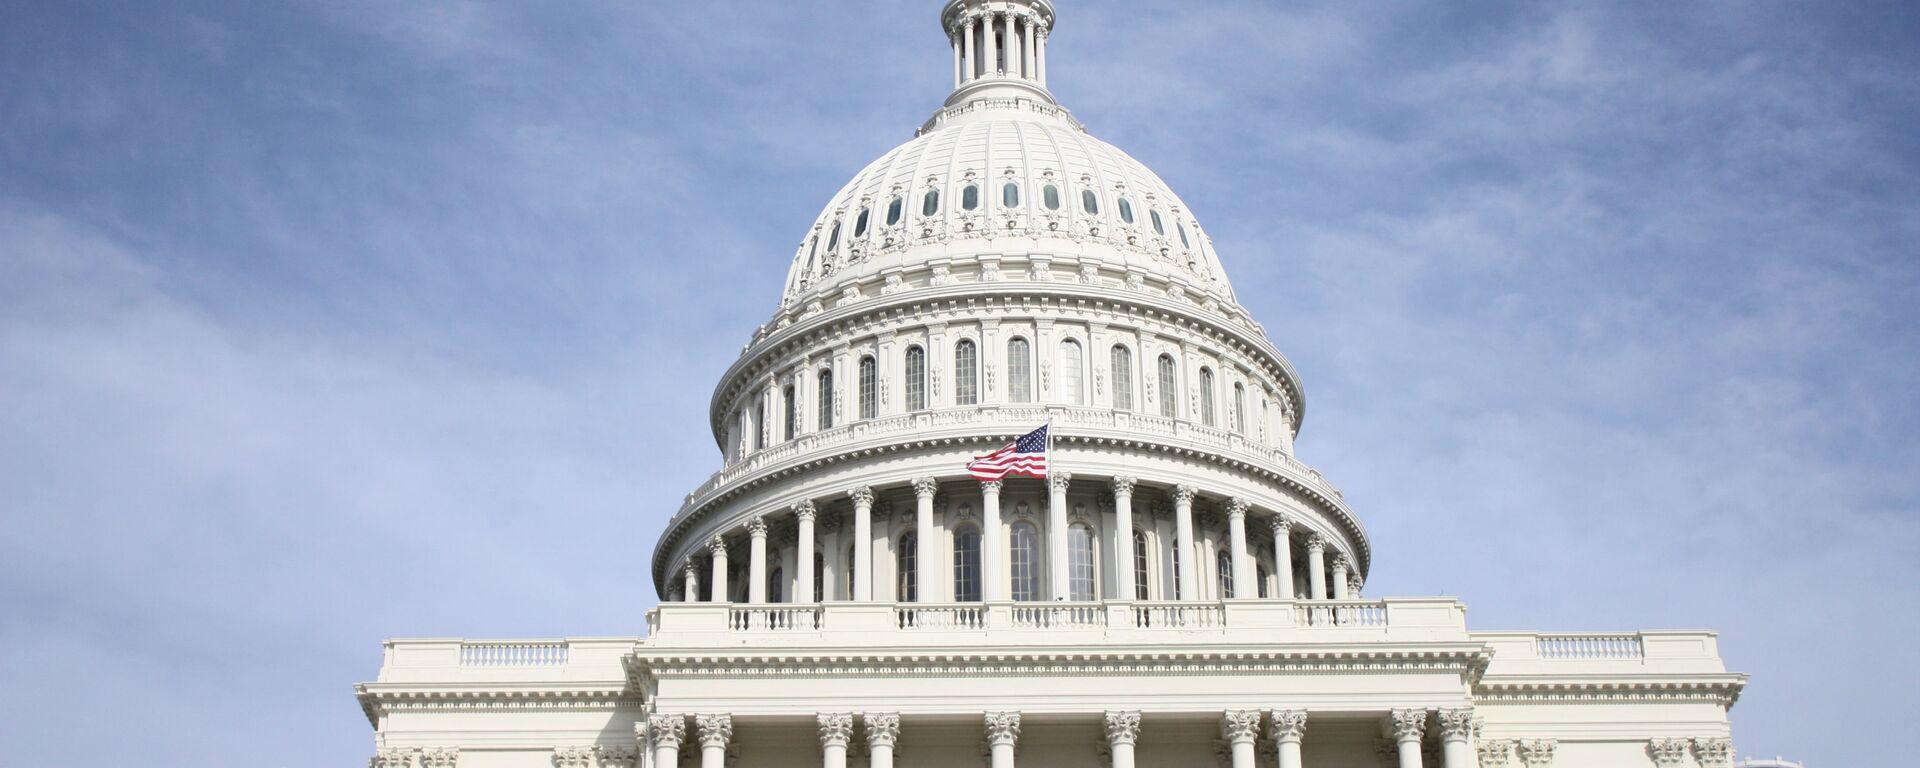 Kongres USA  - Sputnik Česká republika, 1920, 16.09.2021